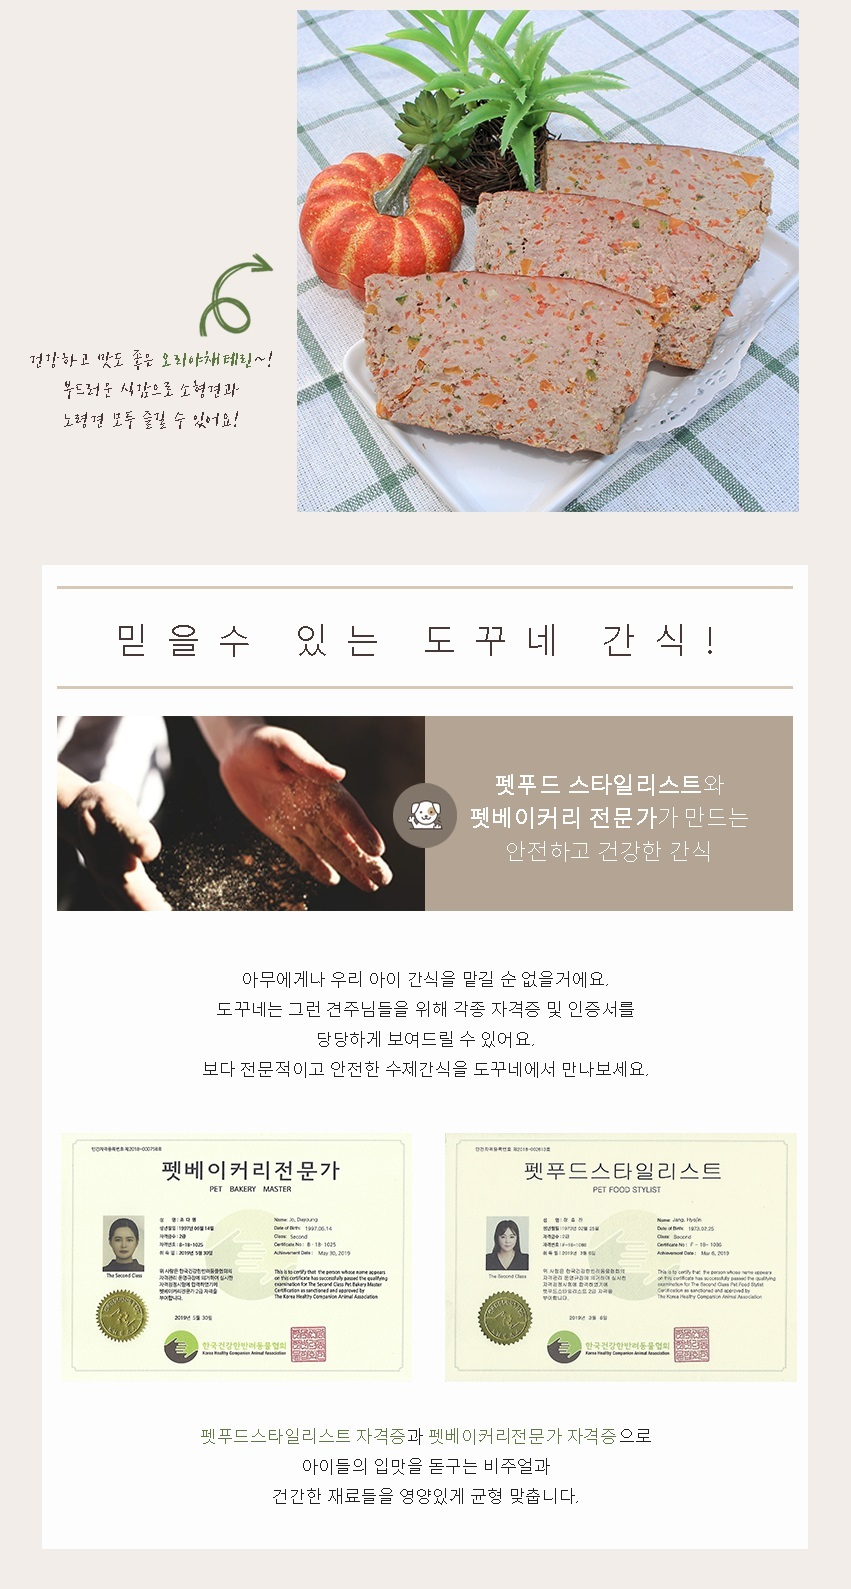 도꾸네 애견간식 수제간식 오리야채테린 120g - 웰스, 6,000원, 간식/영양제, 수제간식